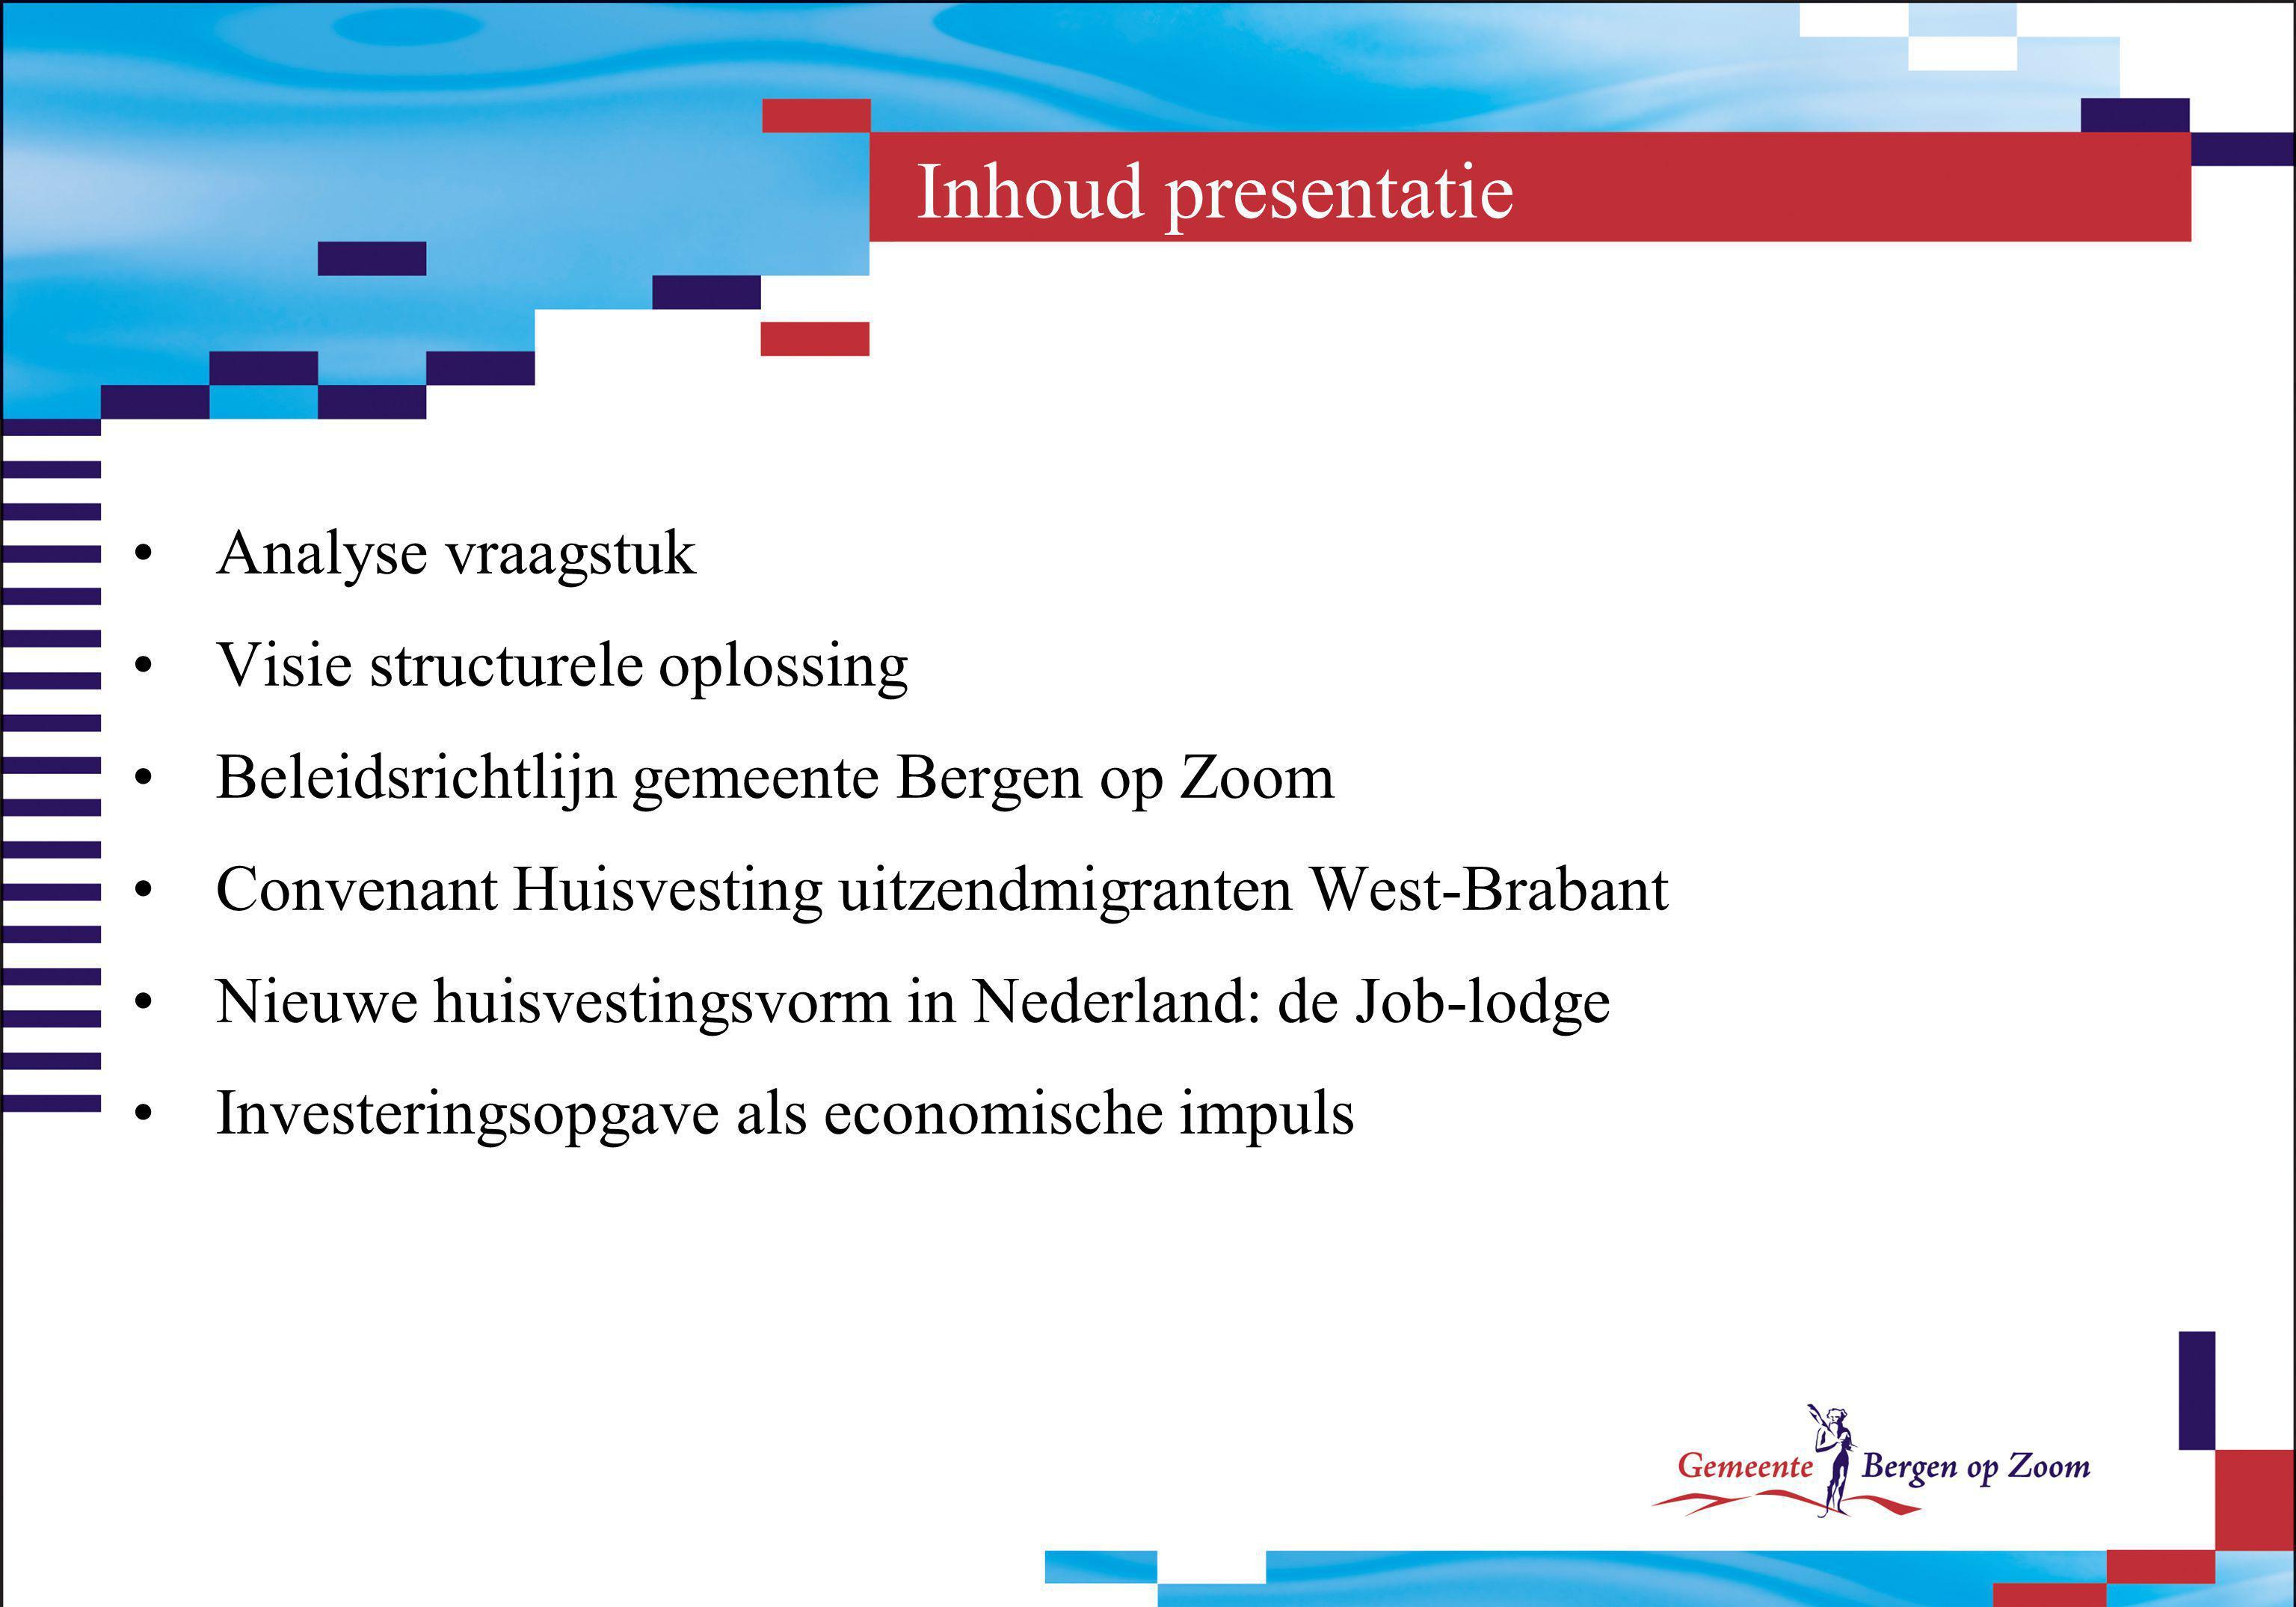 Inhoud presentatie Analyse vraagstuk Visie structurele oplossing Beleidsrichtlijn gemeente Bergen op Zoom Convenant Huisvesting uitzendmigranten West-